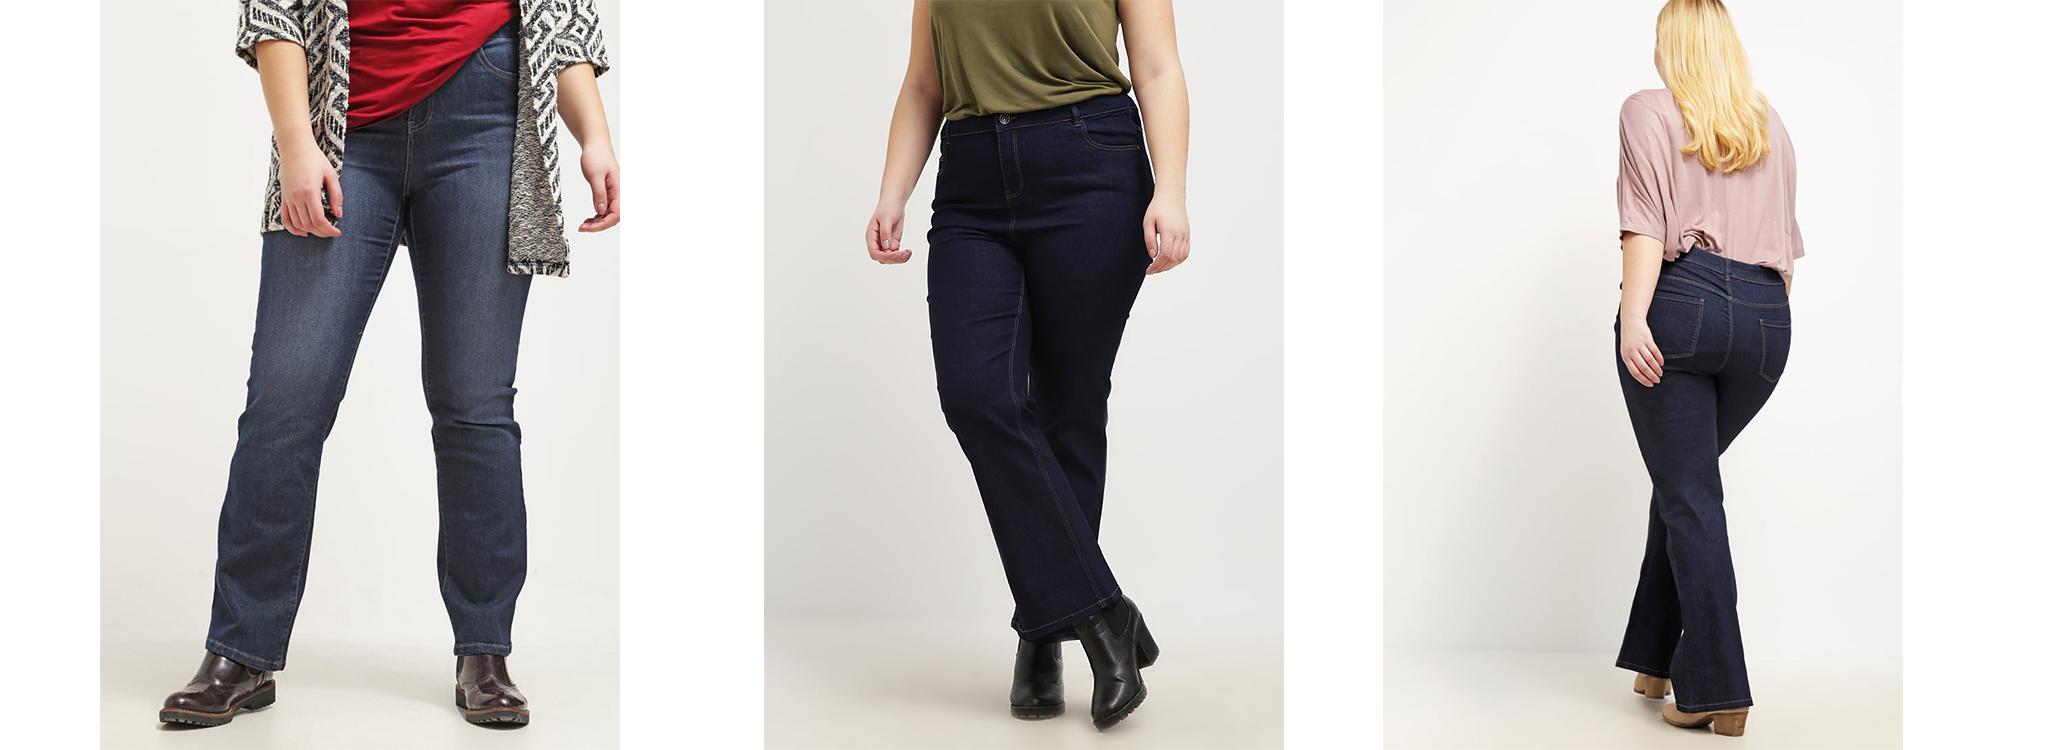 f0e0bcd0a18b8 Spodnie dla puszystych - jakie fasony wybrać na co dzień i na ...